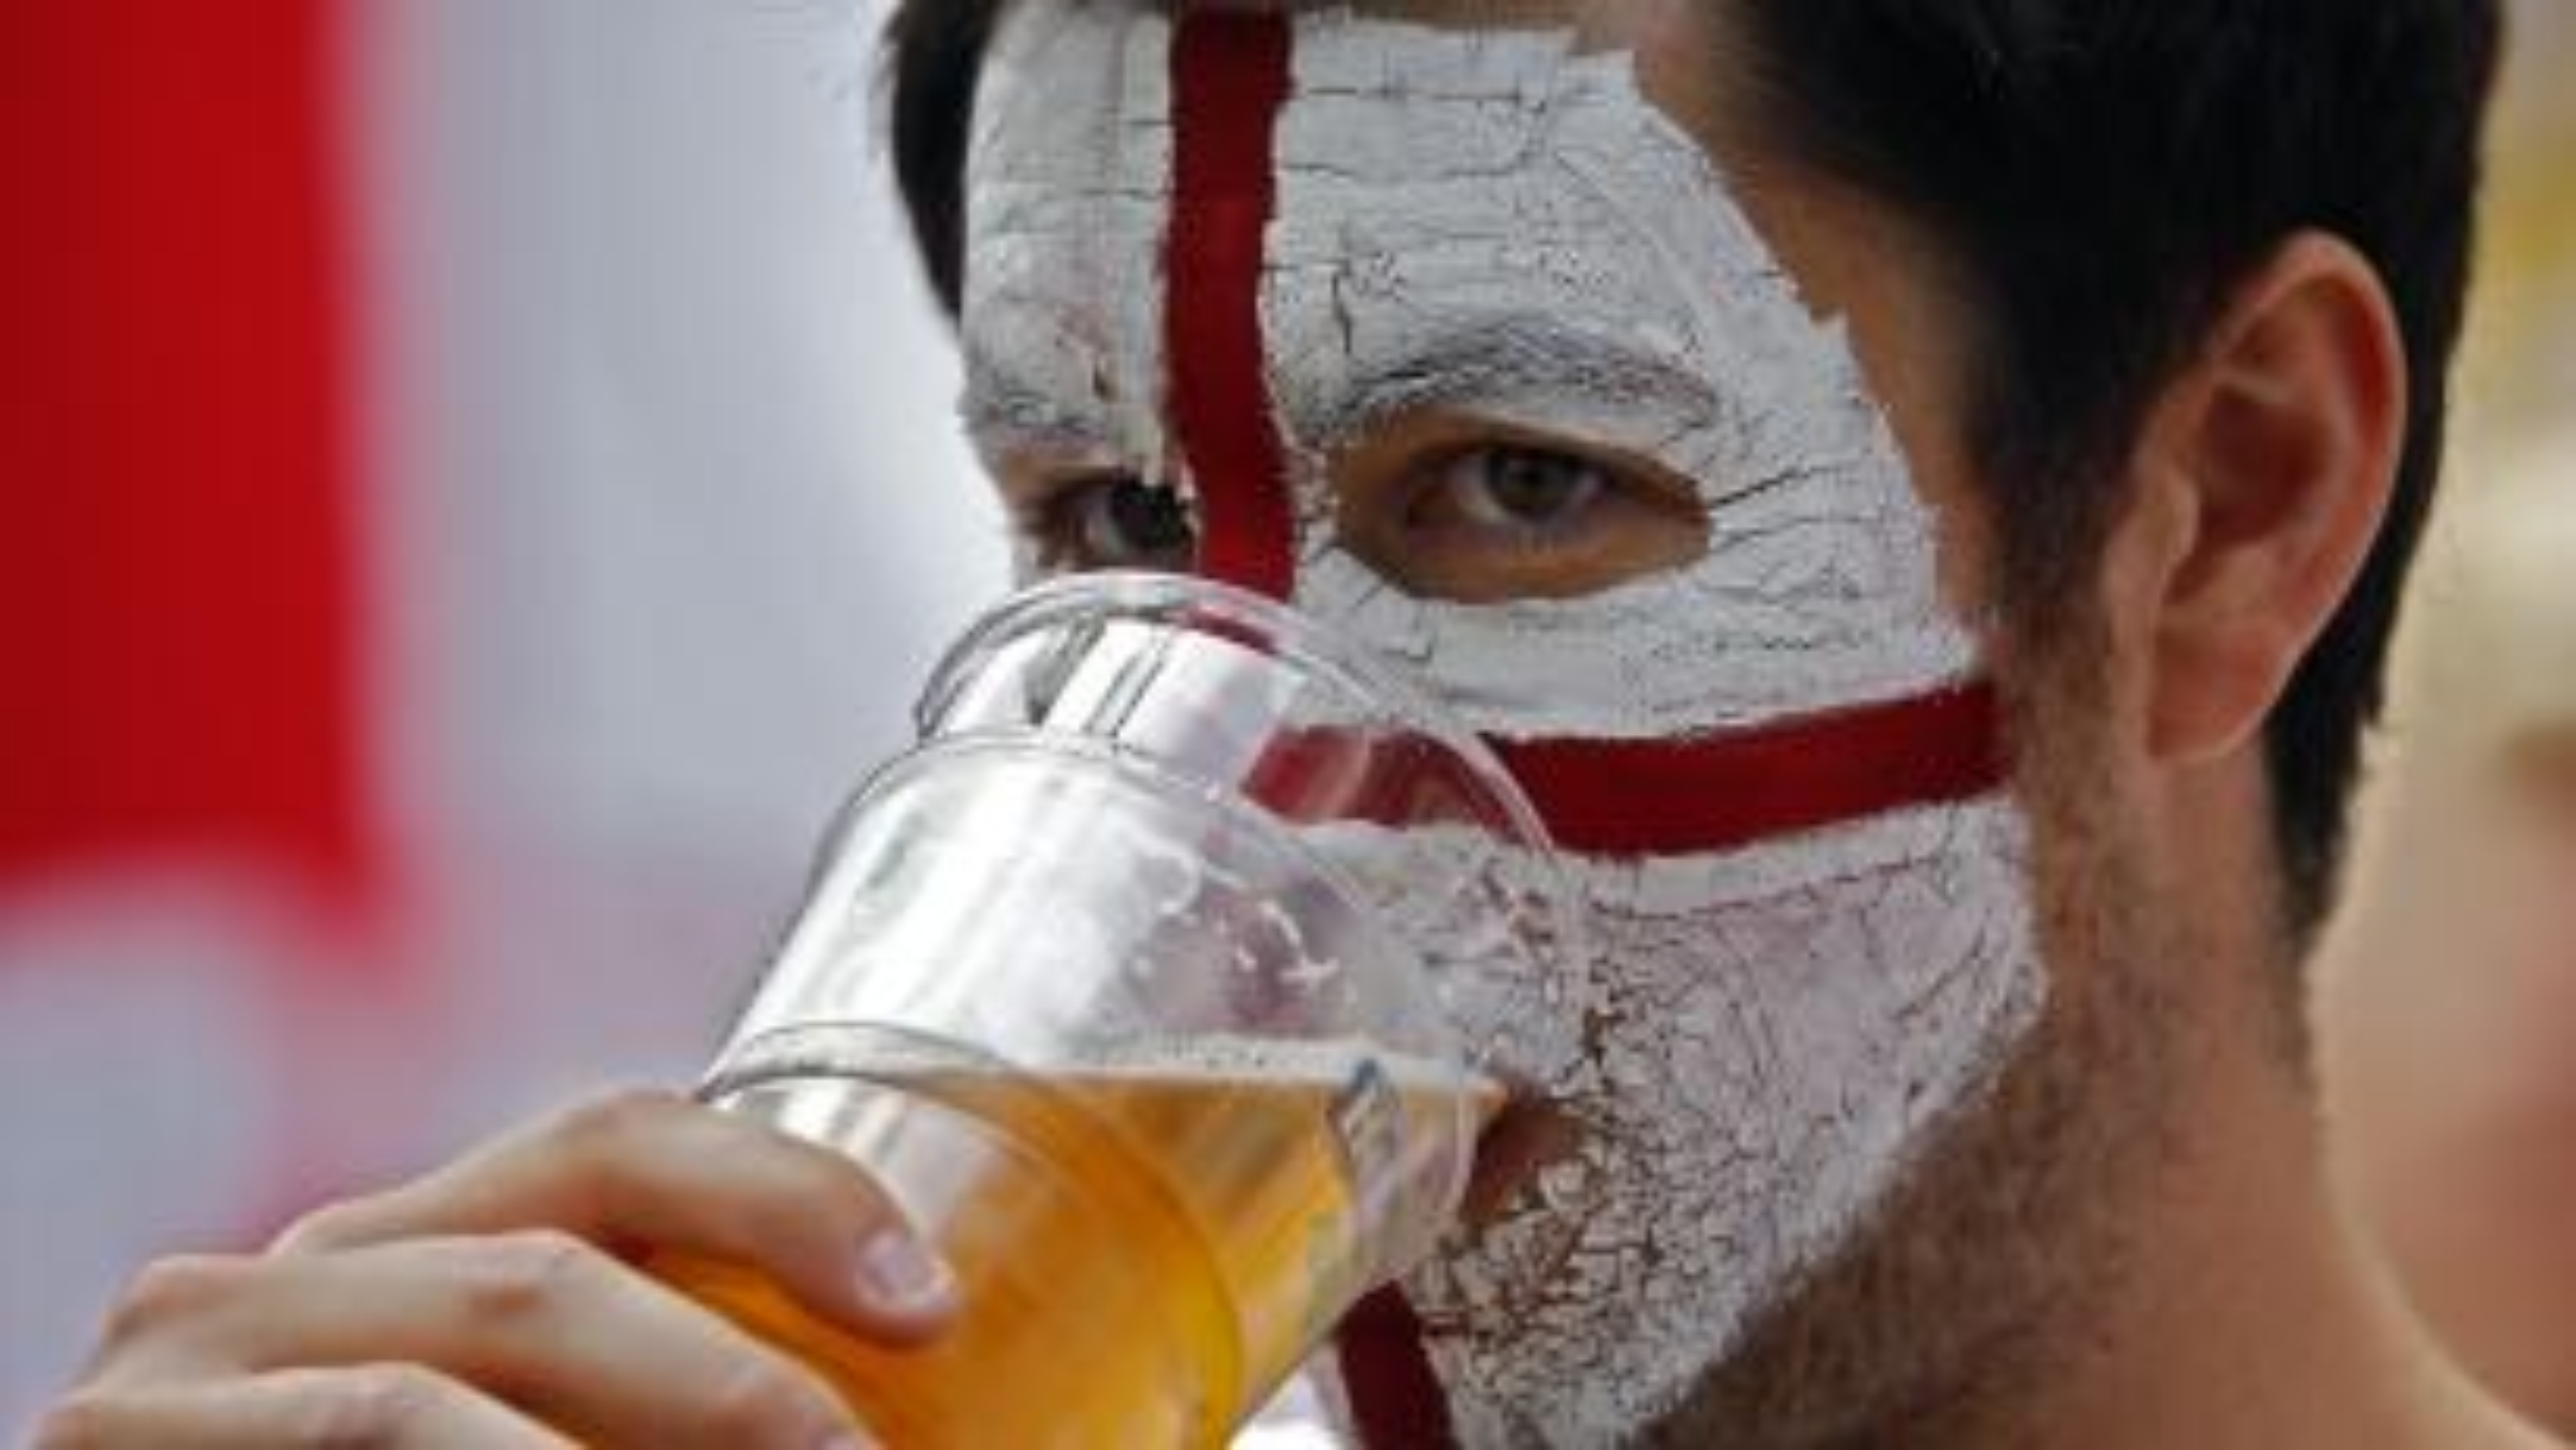 Football Soccer -EURO 2016 - Saint Etienne, France -20/6/16 -An England fan sips beer in Saint Etienne, France.